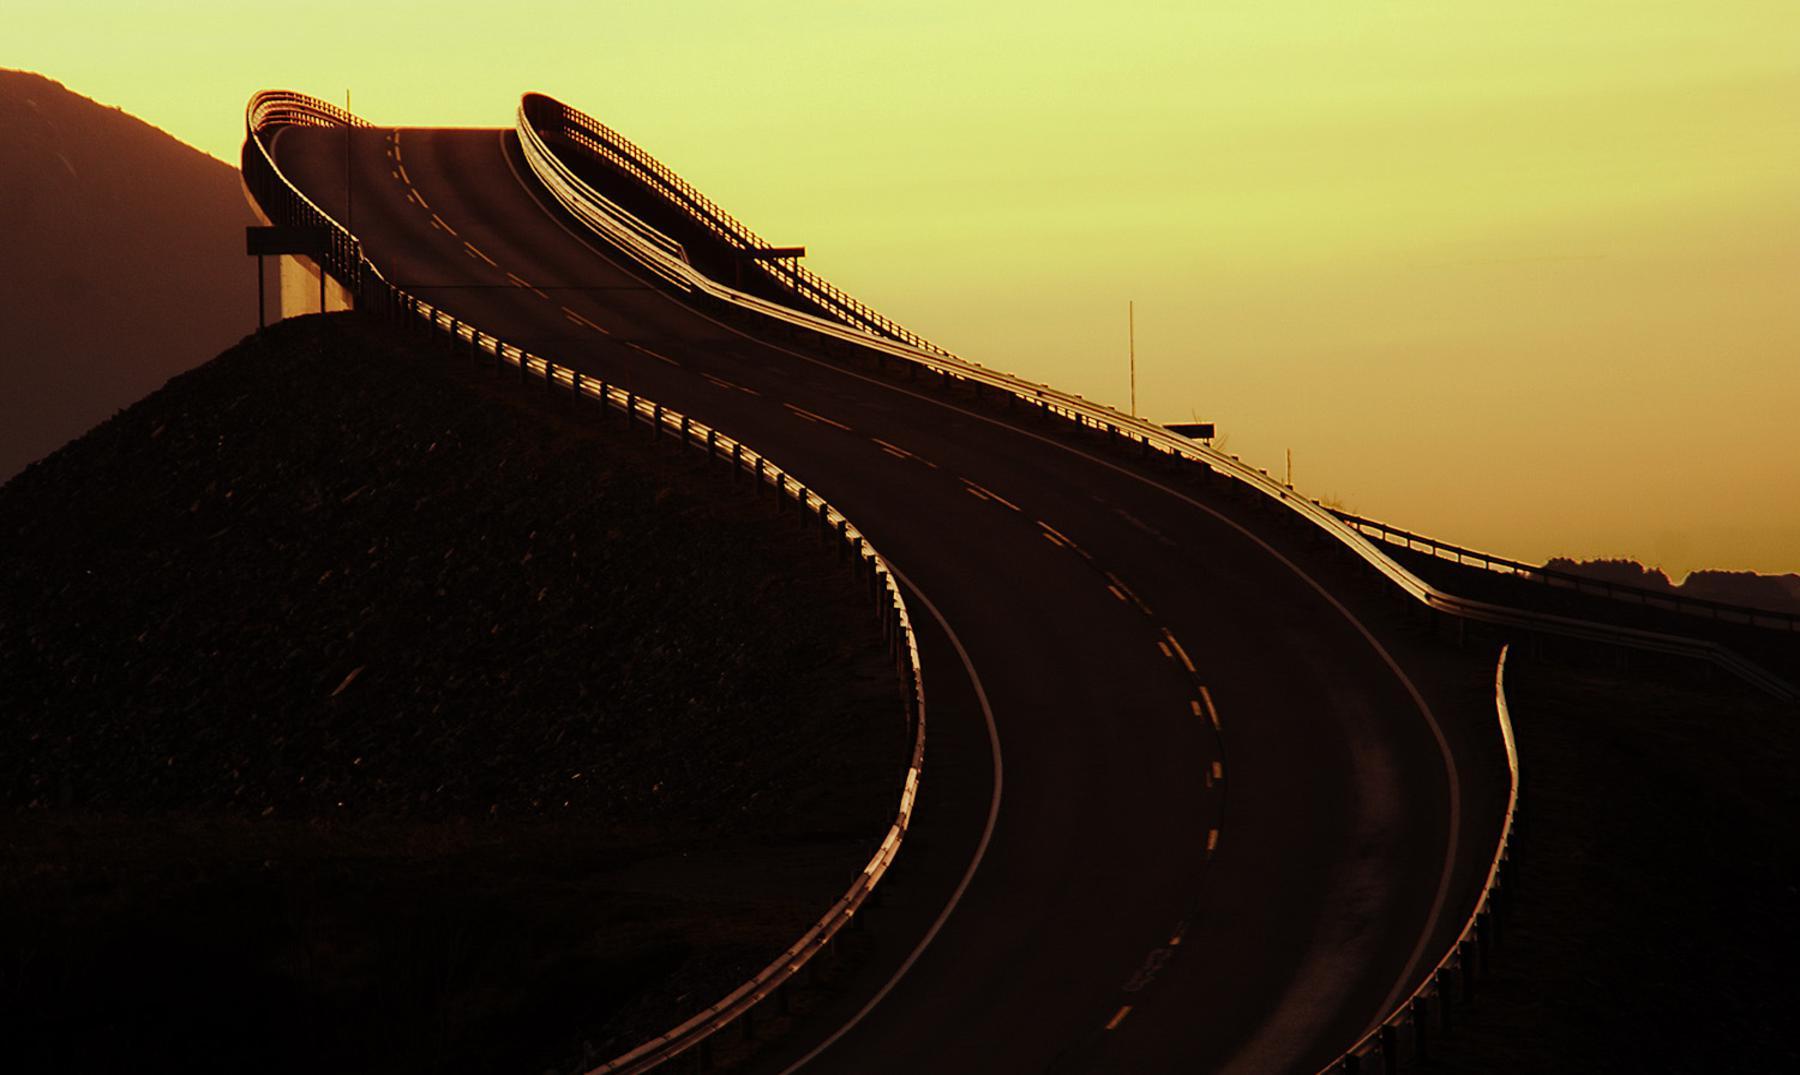 """La carretera más asombrosa del mundo: """"Atlantic road"""""""